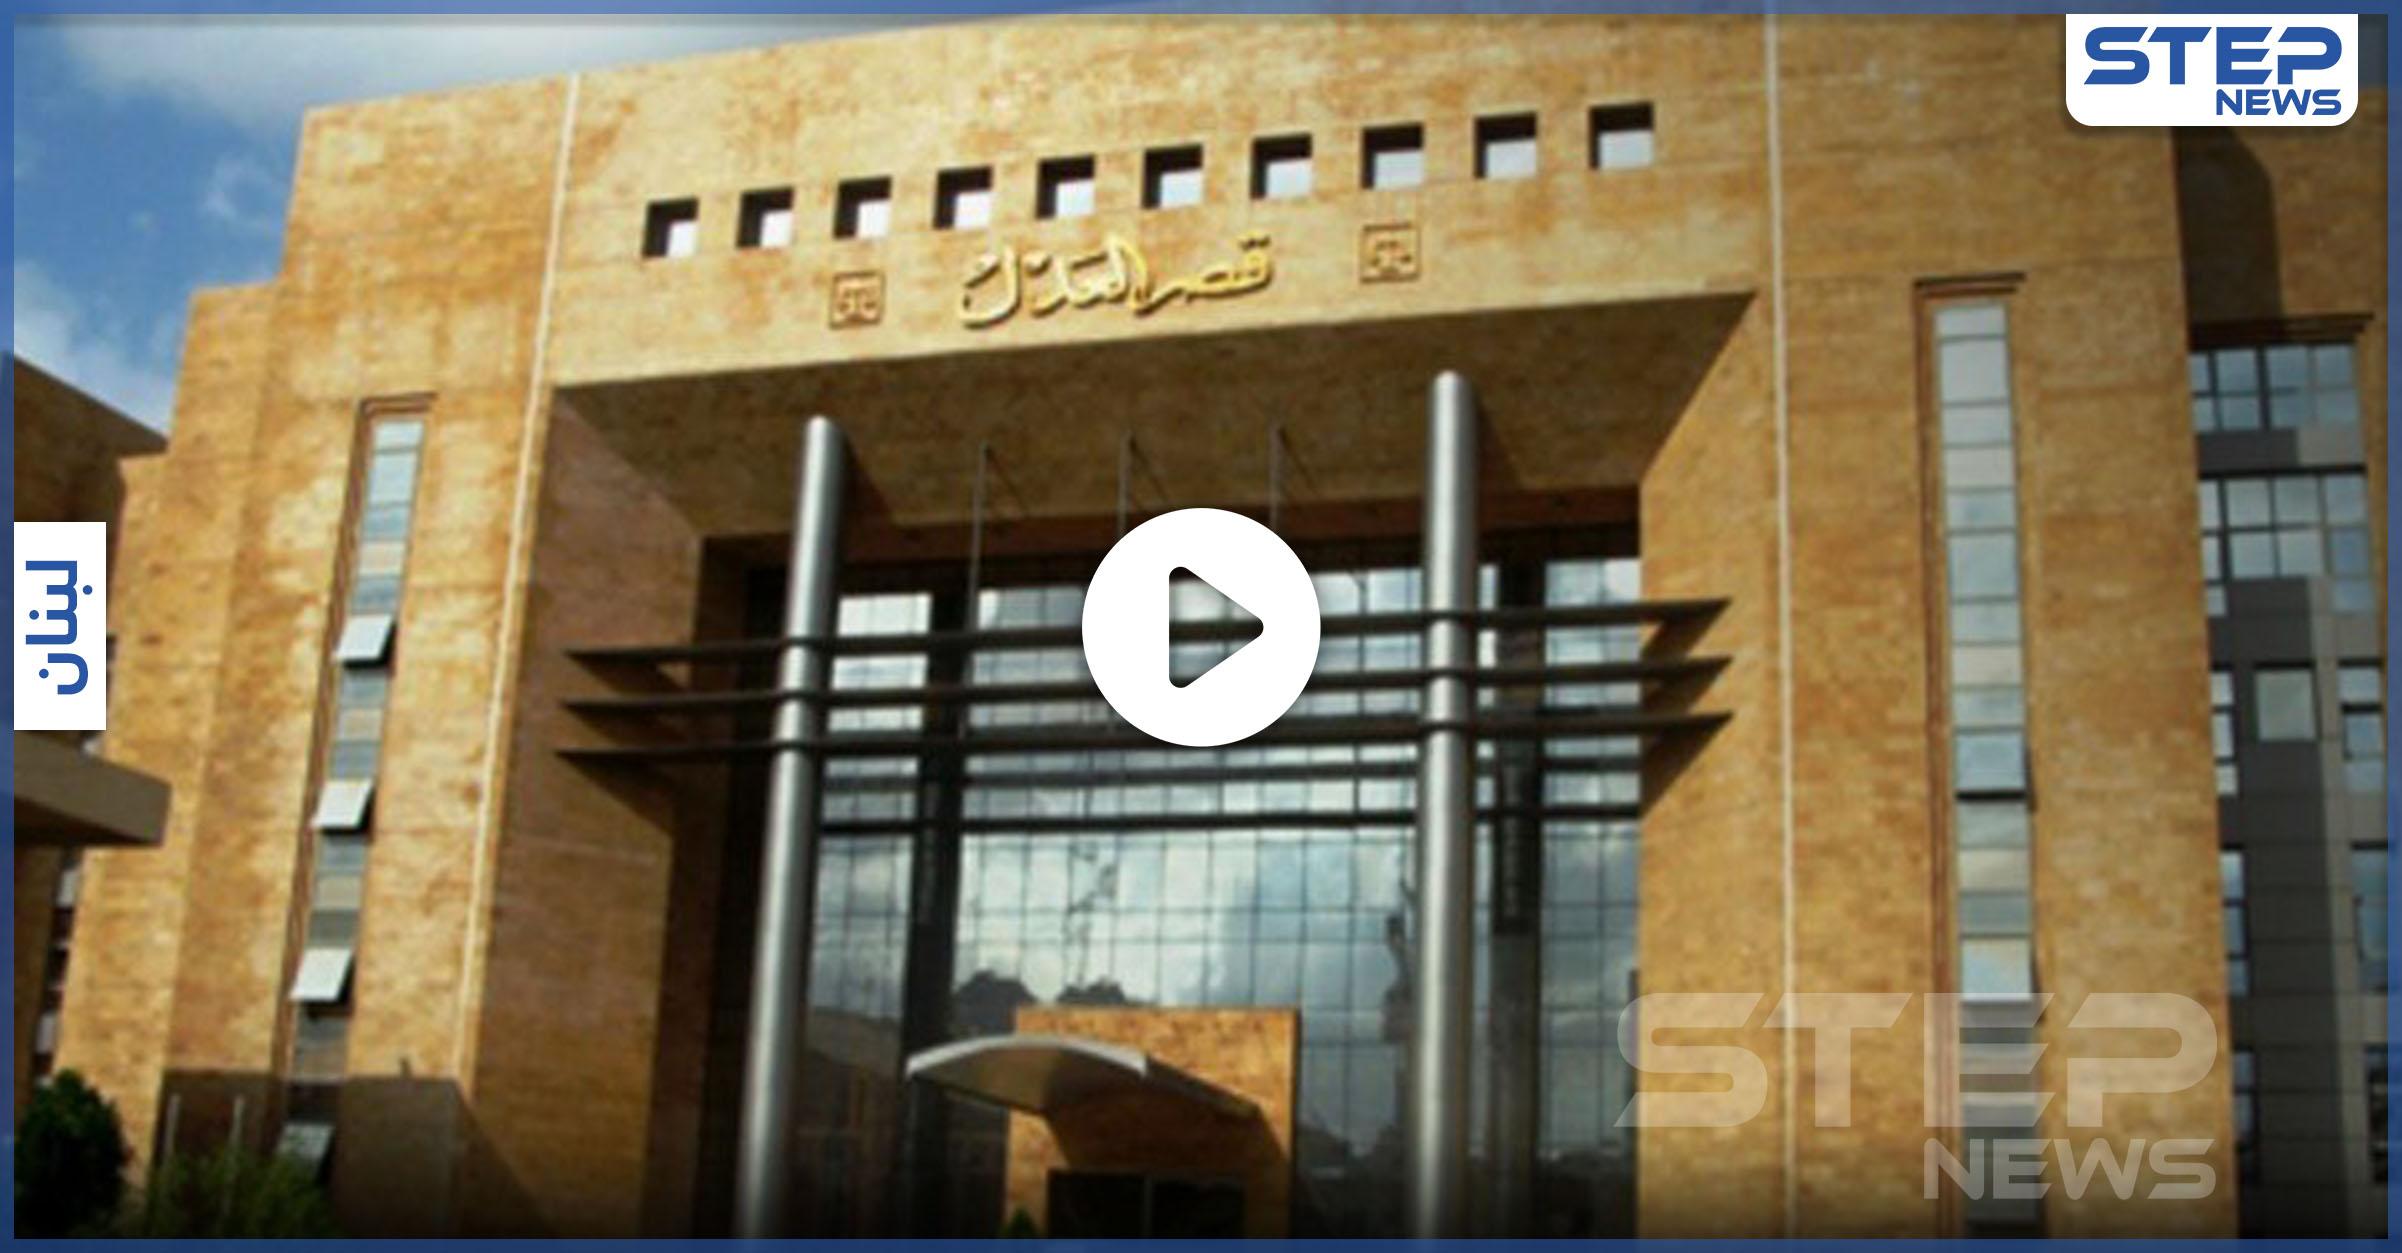 الأمن اللبناني يقبض على ناشط حاول رمي نفسه داخل القصر العدلي